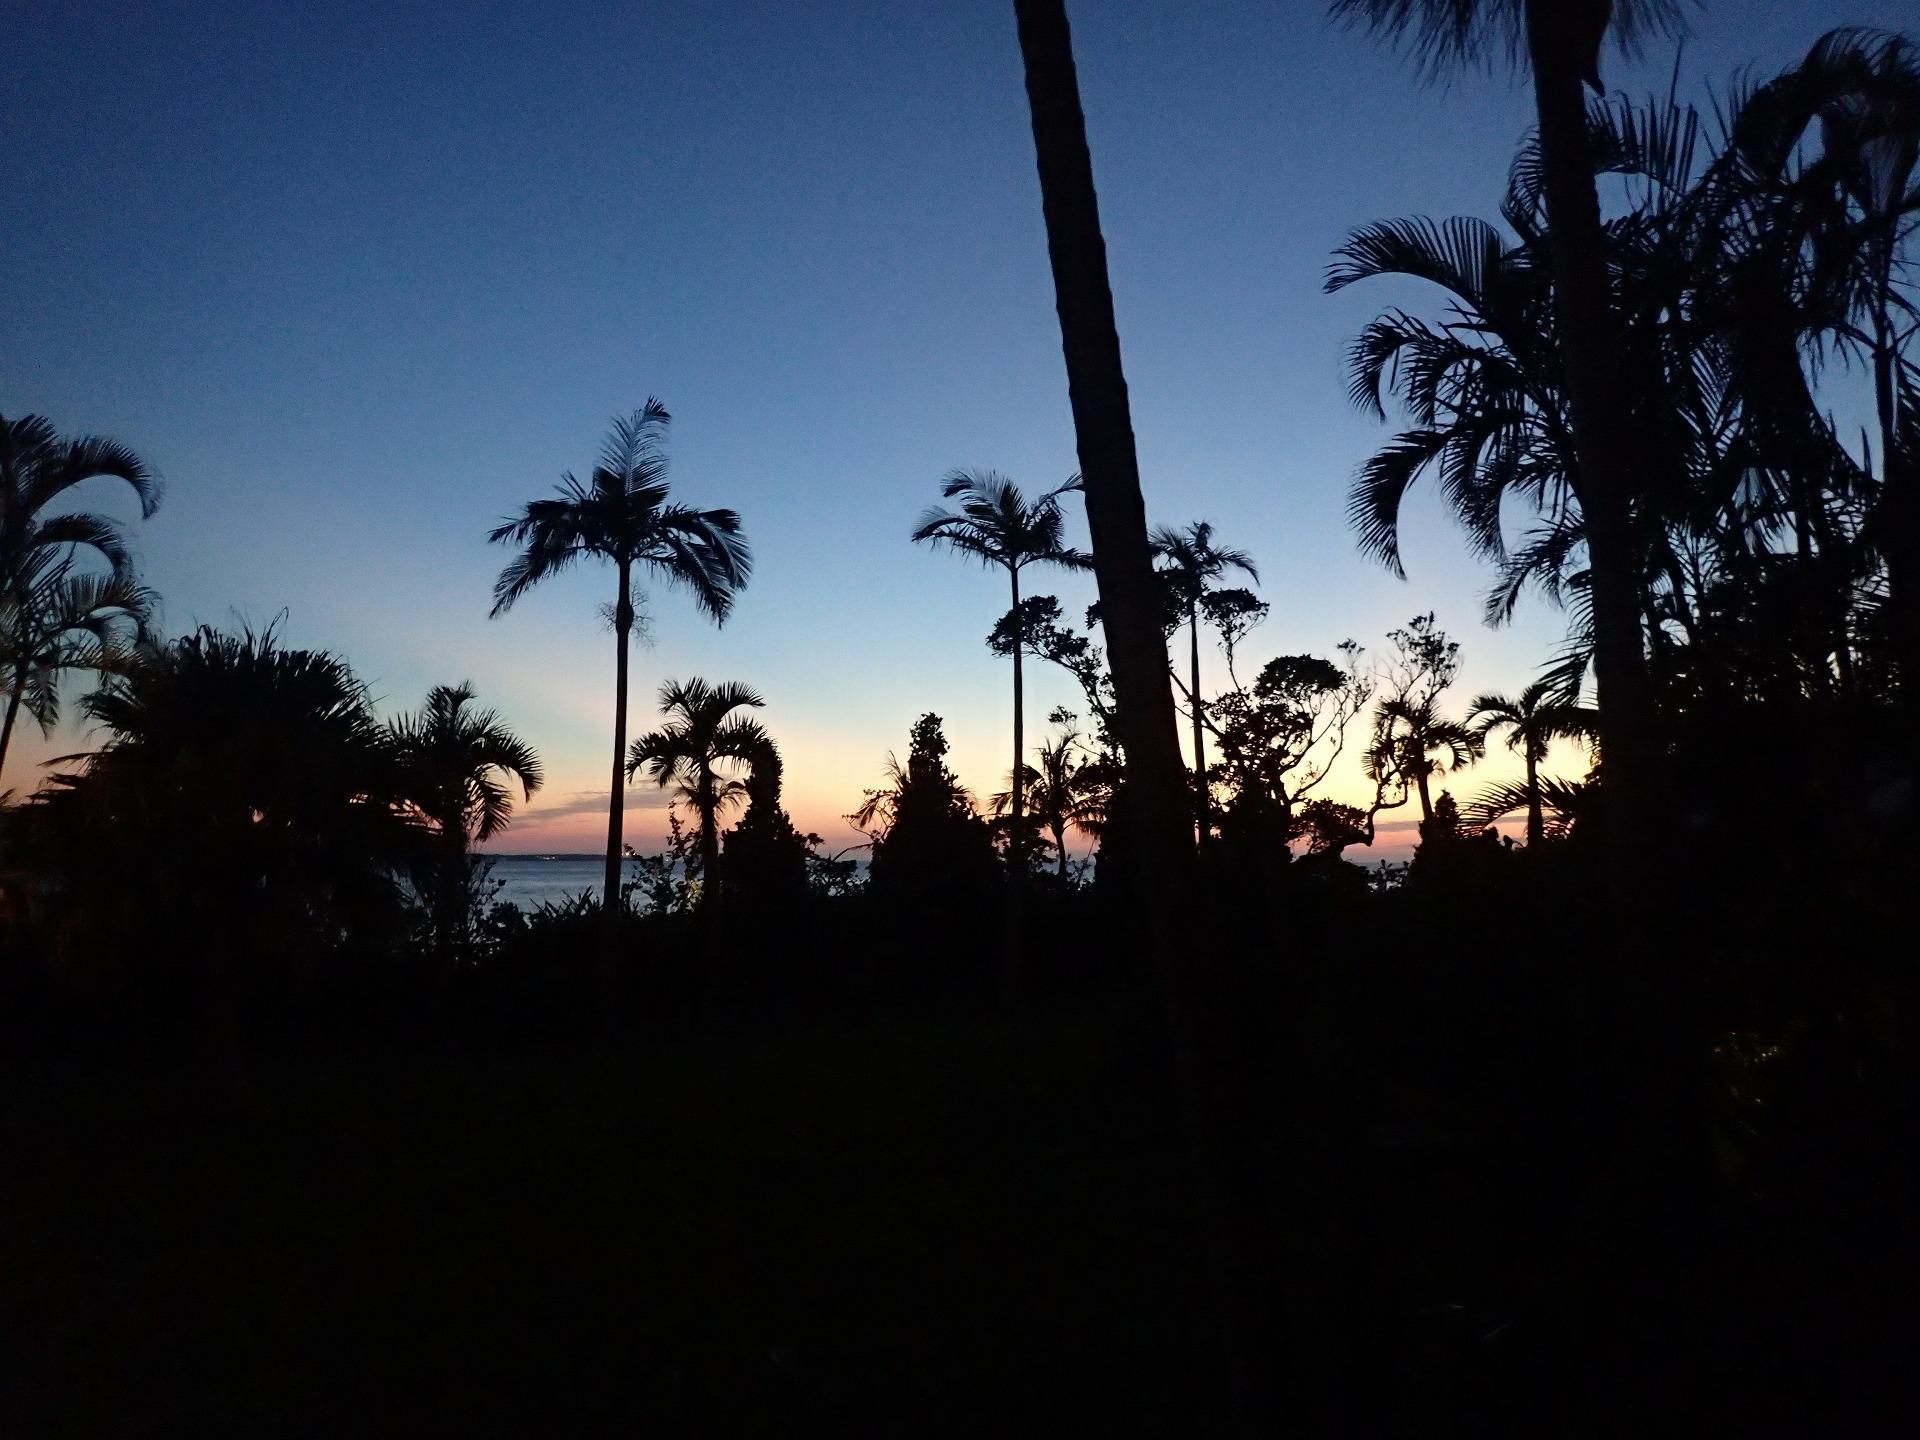 南国の夕日を向かいにヤシの木のシルエット